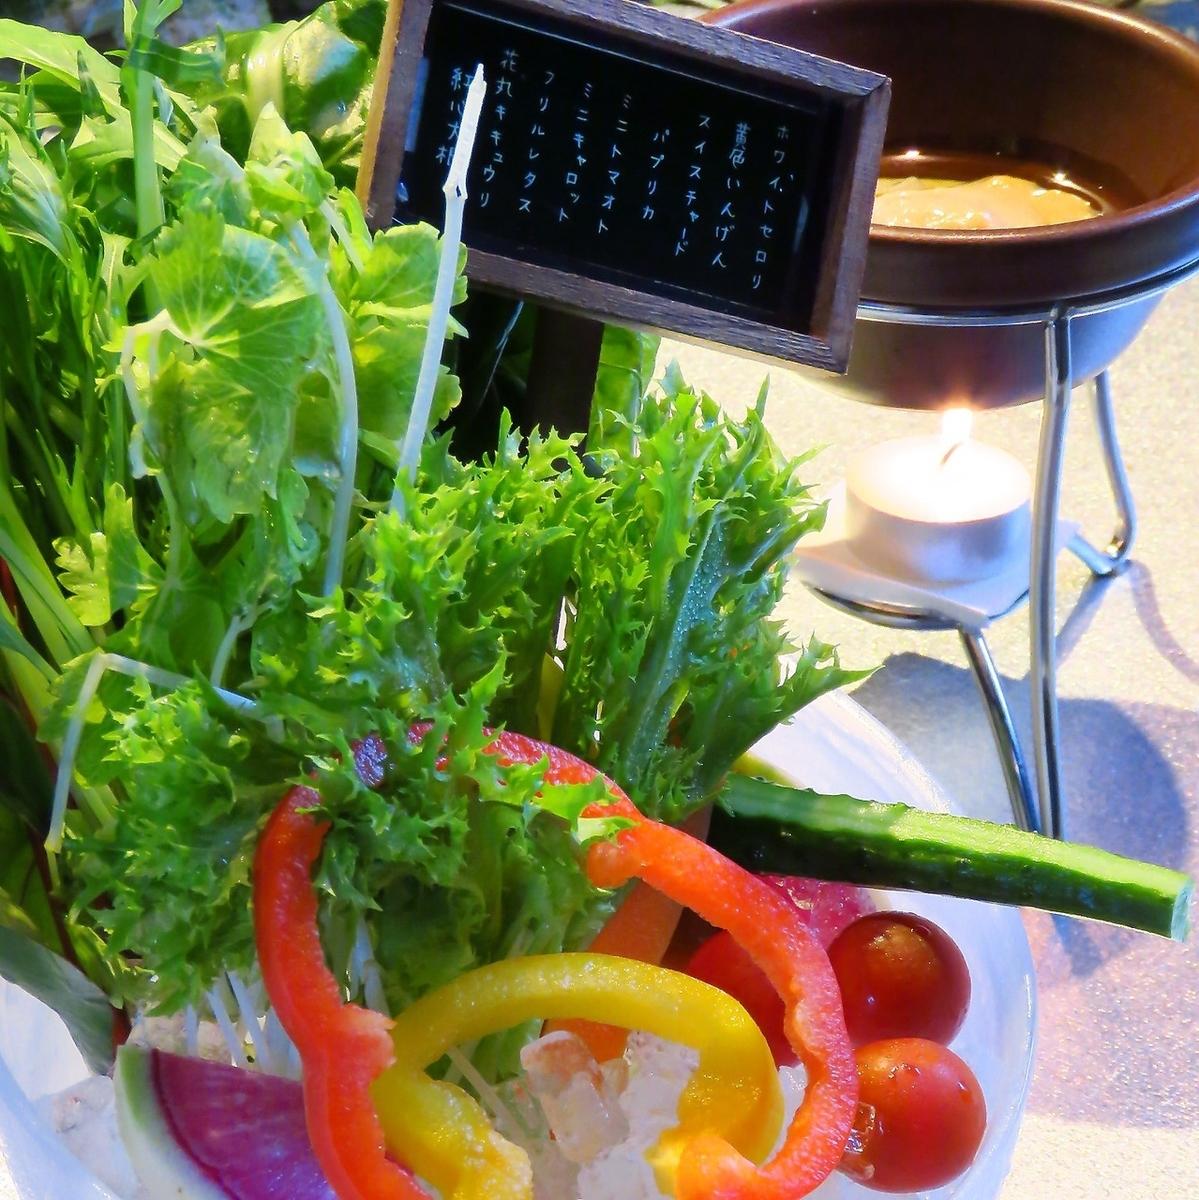 Bagna cowder of seasonal vegetables